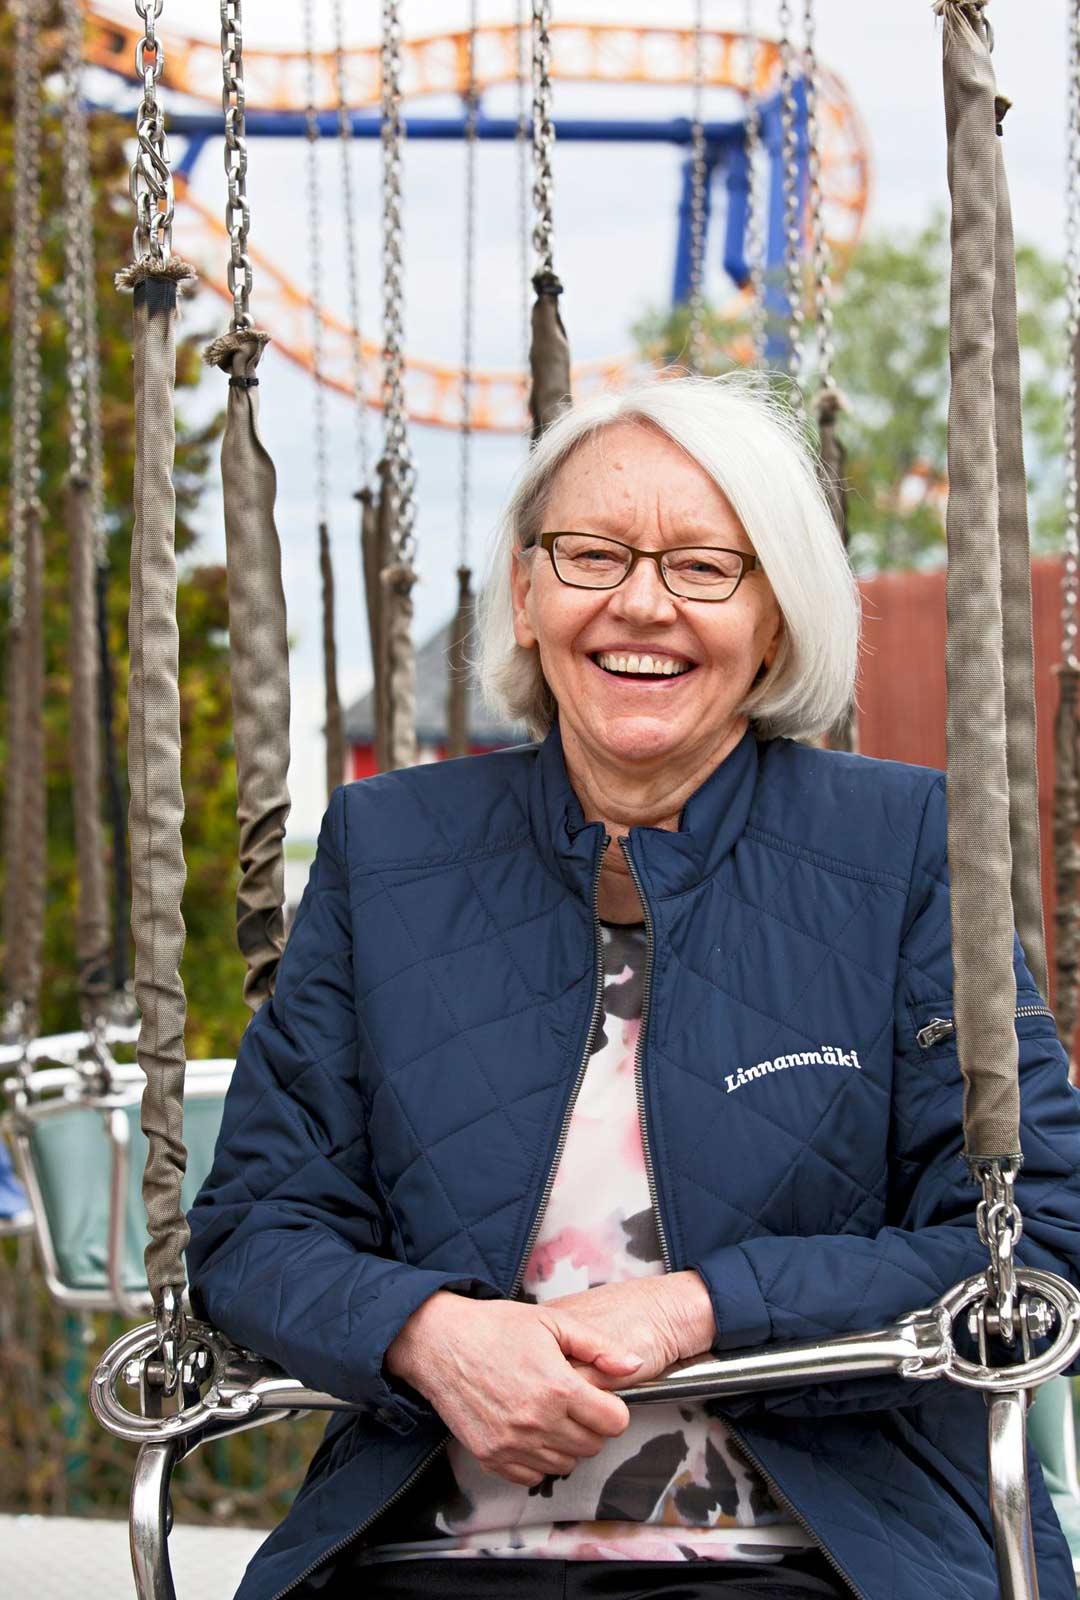 Palvelupäällikkö Merja Penttisellä on Linnanmäeltä yli 40 vuoden kokemus. Nykyään asiakkaat ovat laatutietoisia ja haluavat yksilöllistä palvelua.